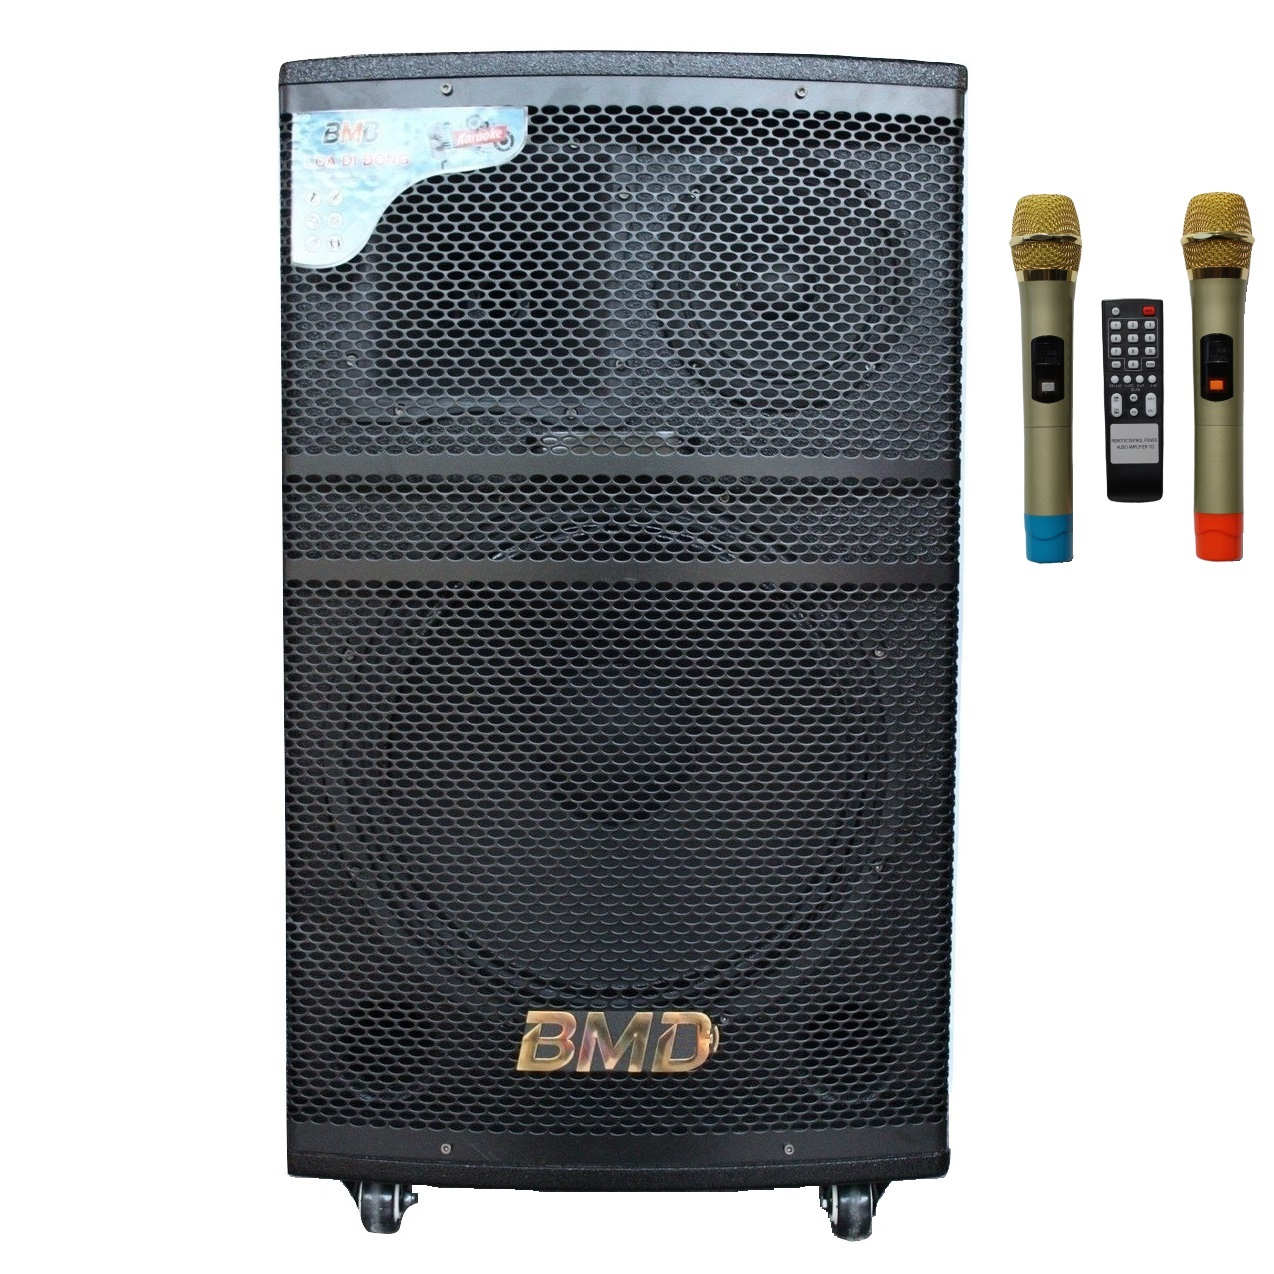 Loa Kéo Di Động Karaoke Bass 40 BMD LK-40B80 (800W) 4 Tấc - Màu Ngẫu Nhiên - Chính Hãng